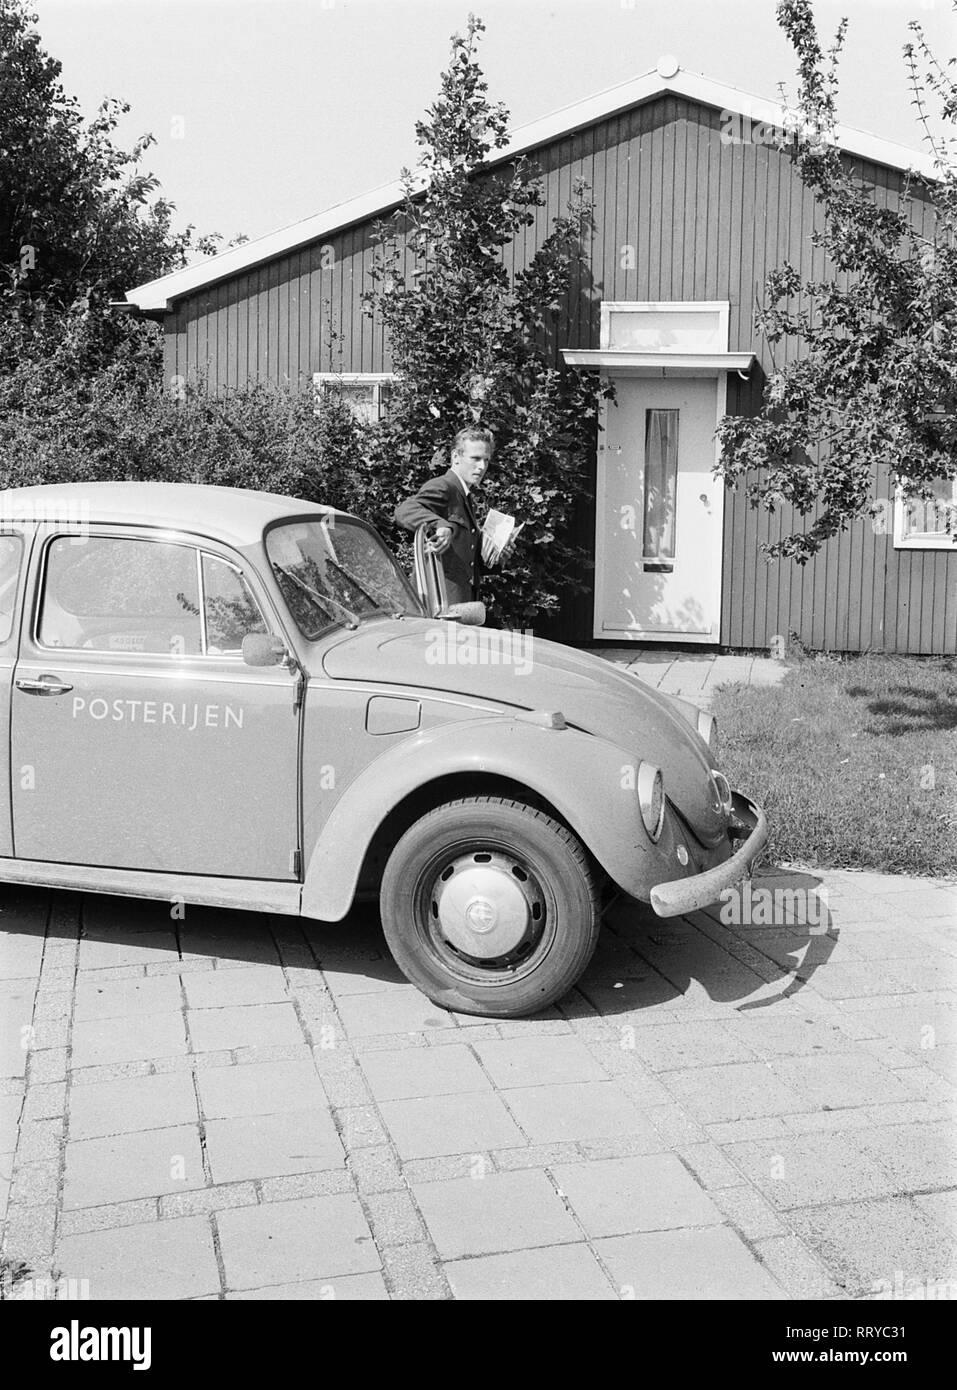 VW Beetle - VW Käfer unterwegs  -  Der Postbote kommt  -  VI - Stock Image